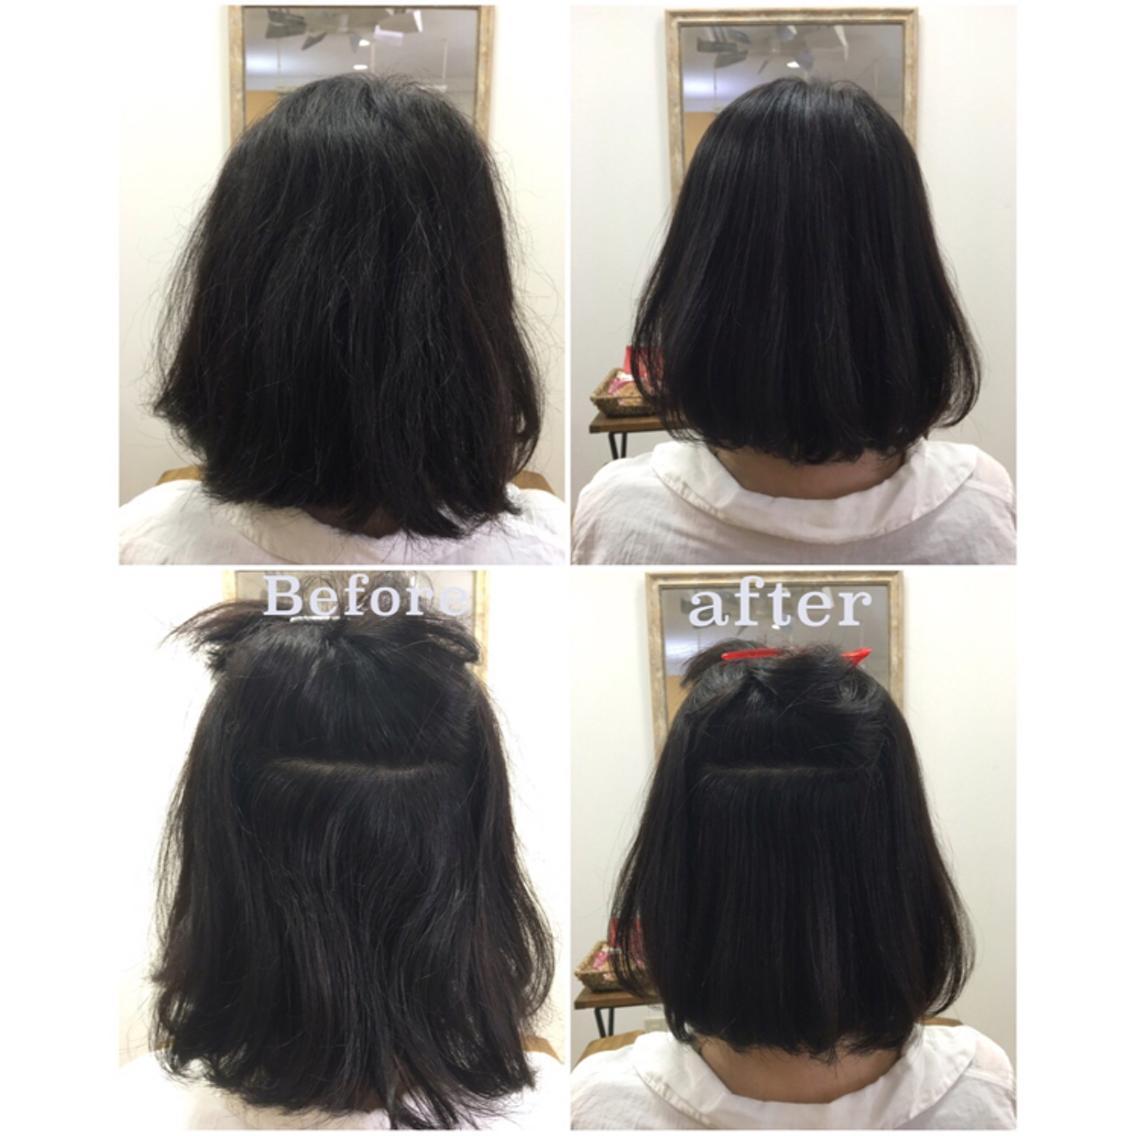 【日本で唯一のアイニーの髪質改善】髪質改善ヘアエステ・デザインする縮毛矯正¥21000→¥18900税込